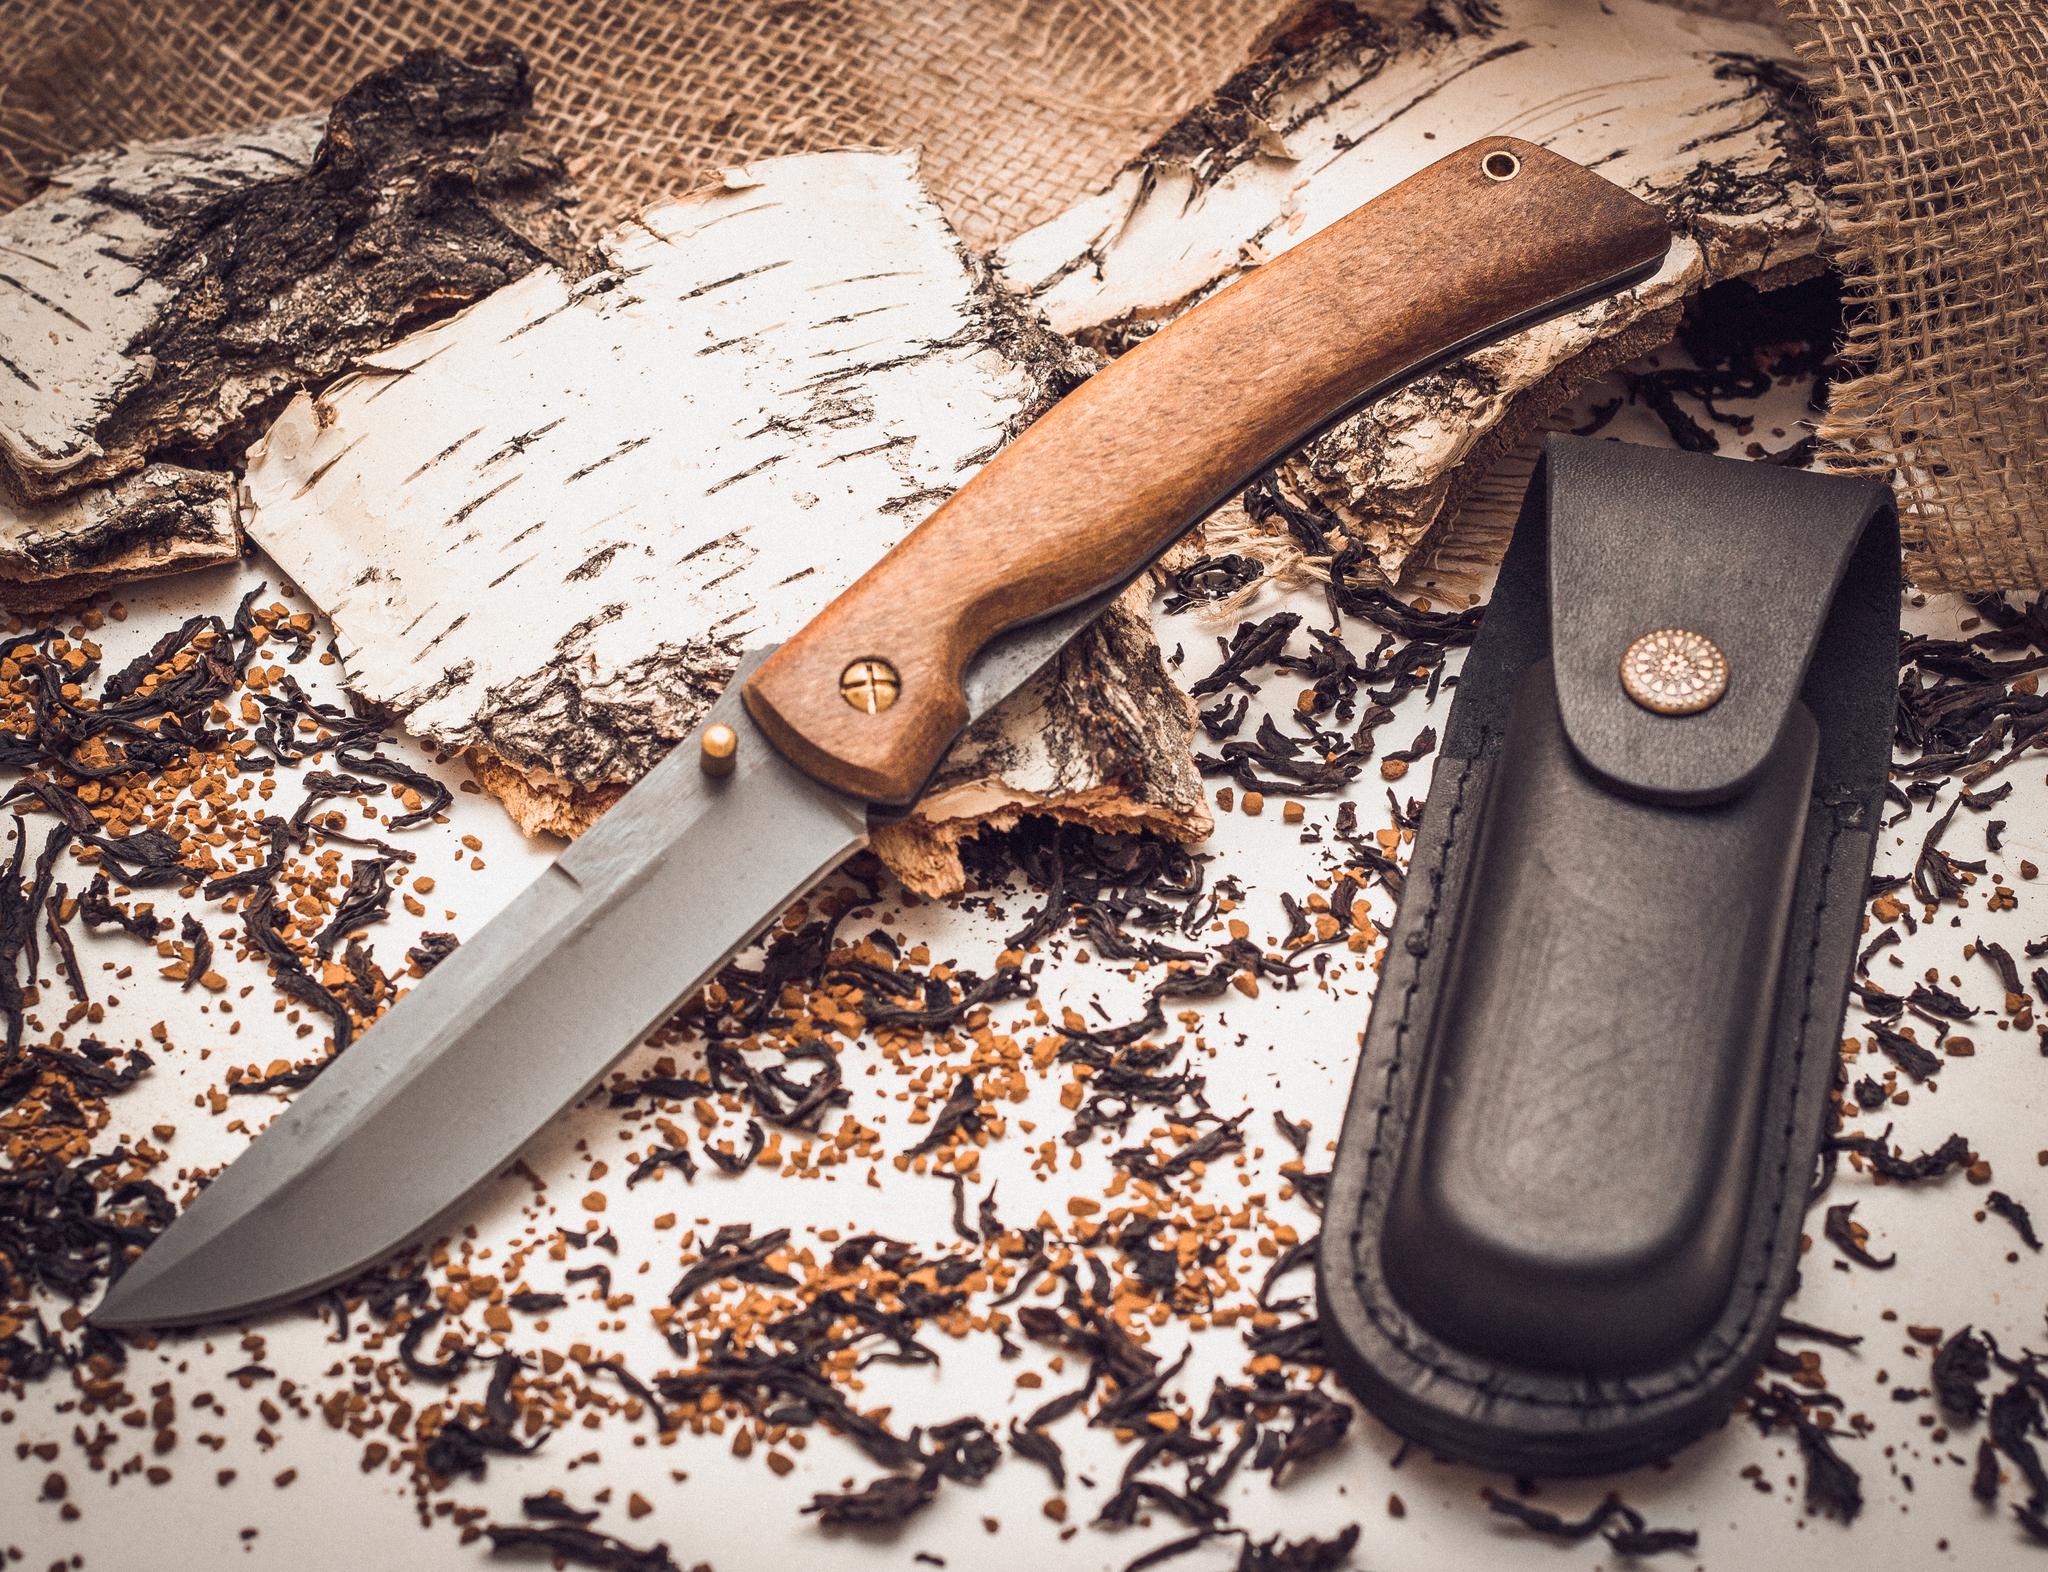 Фото 6 - Складной нож Кочевник из стали 95х18, орех от Марычев